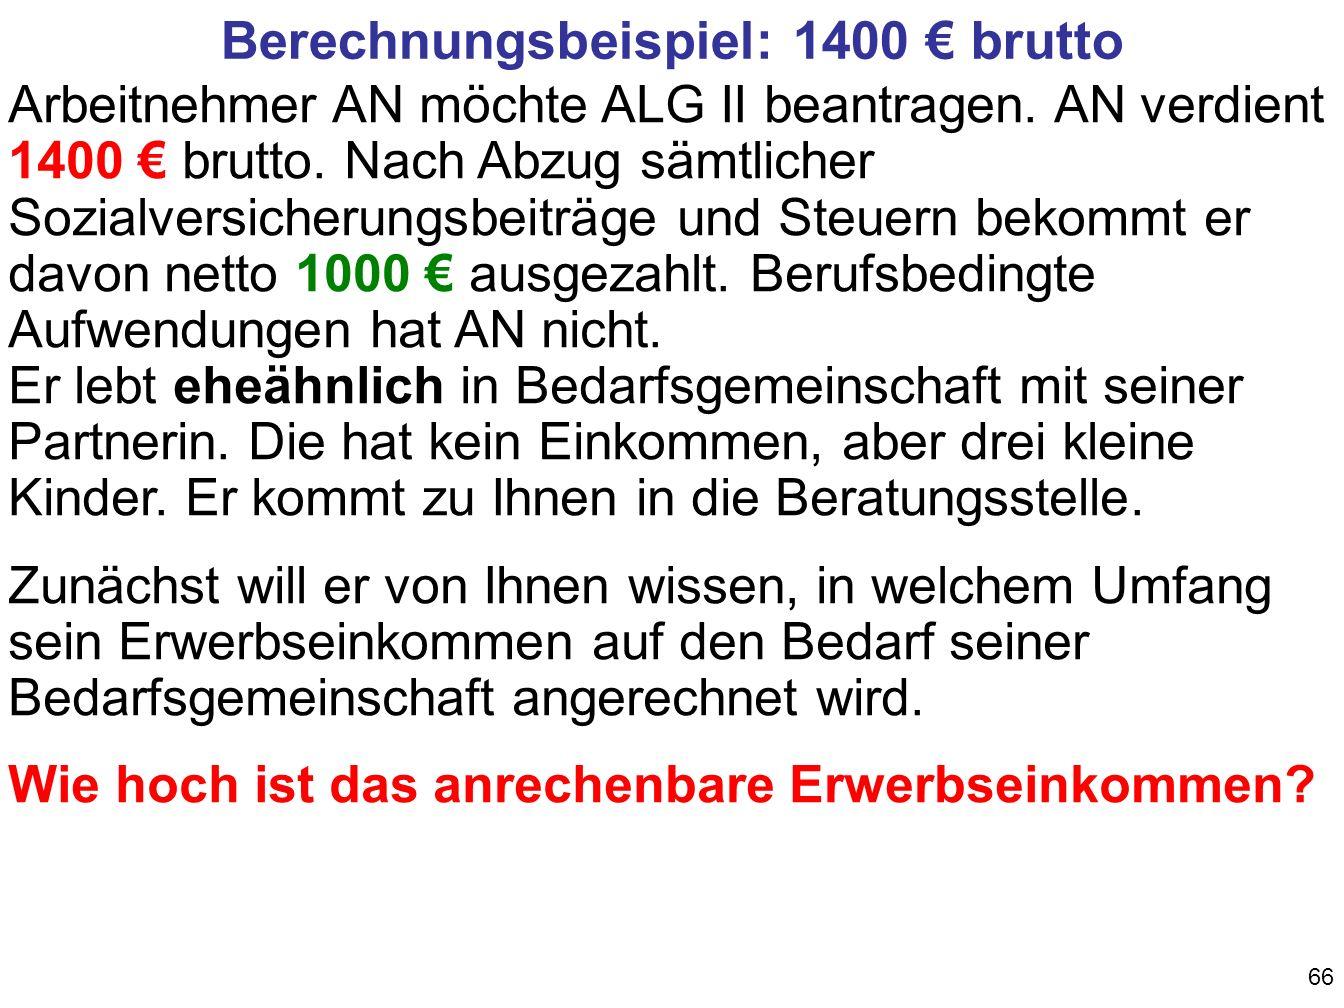 Berechnungsbeispiel: 1400 € brutto